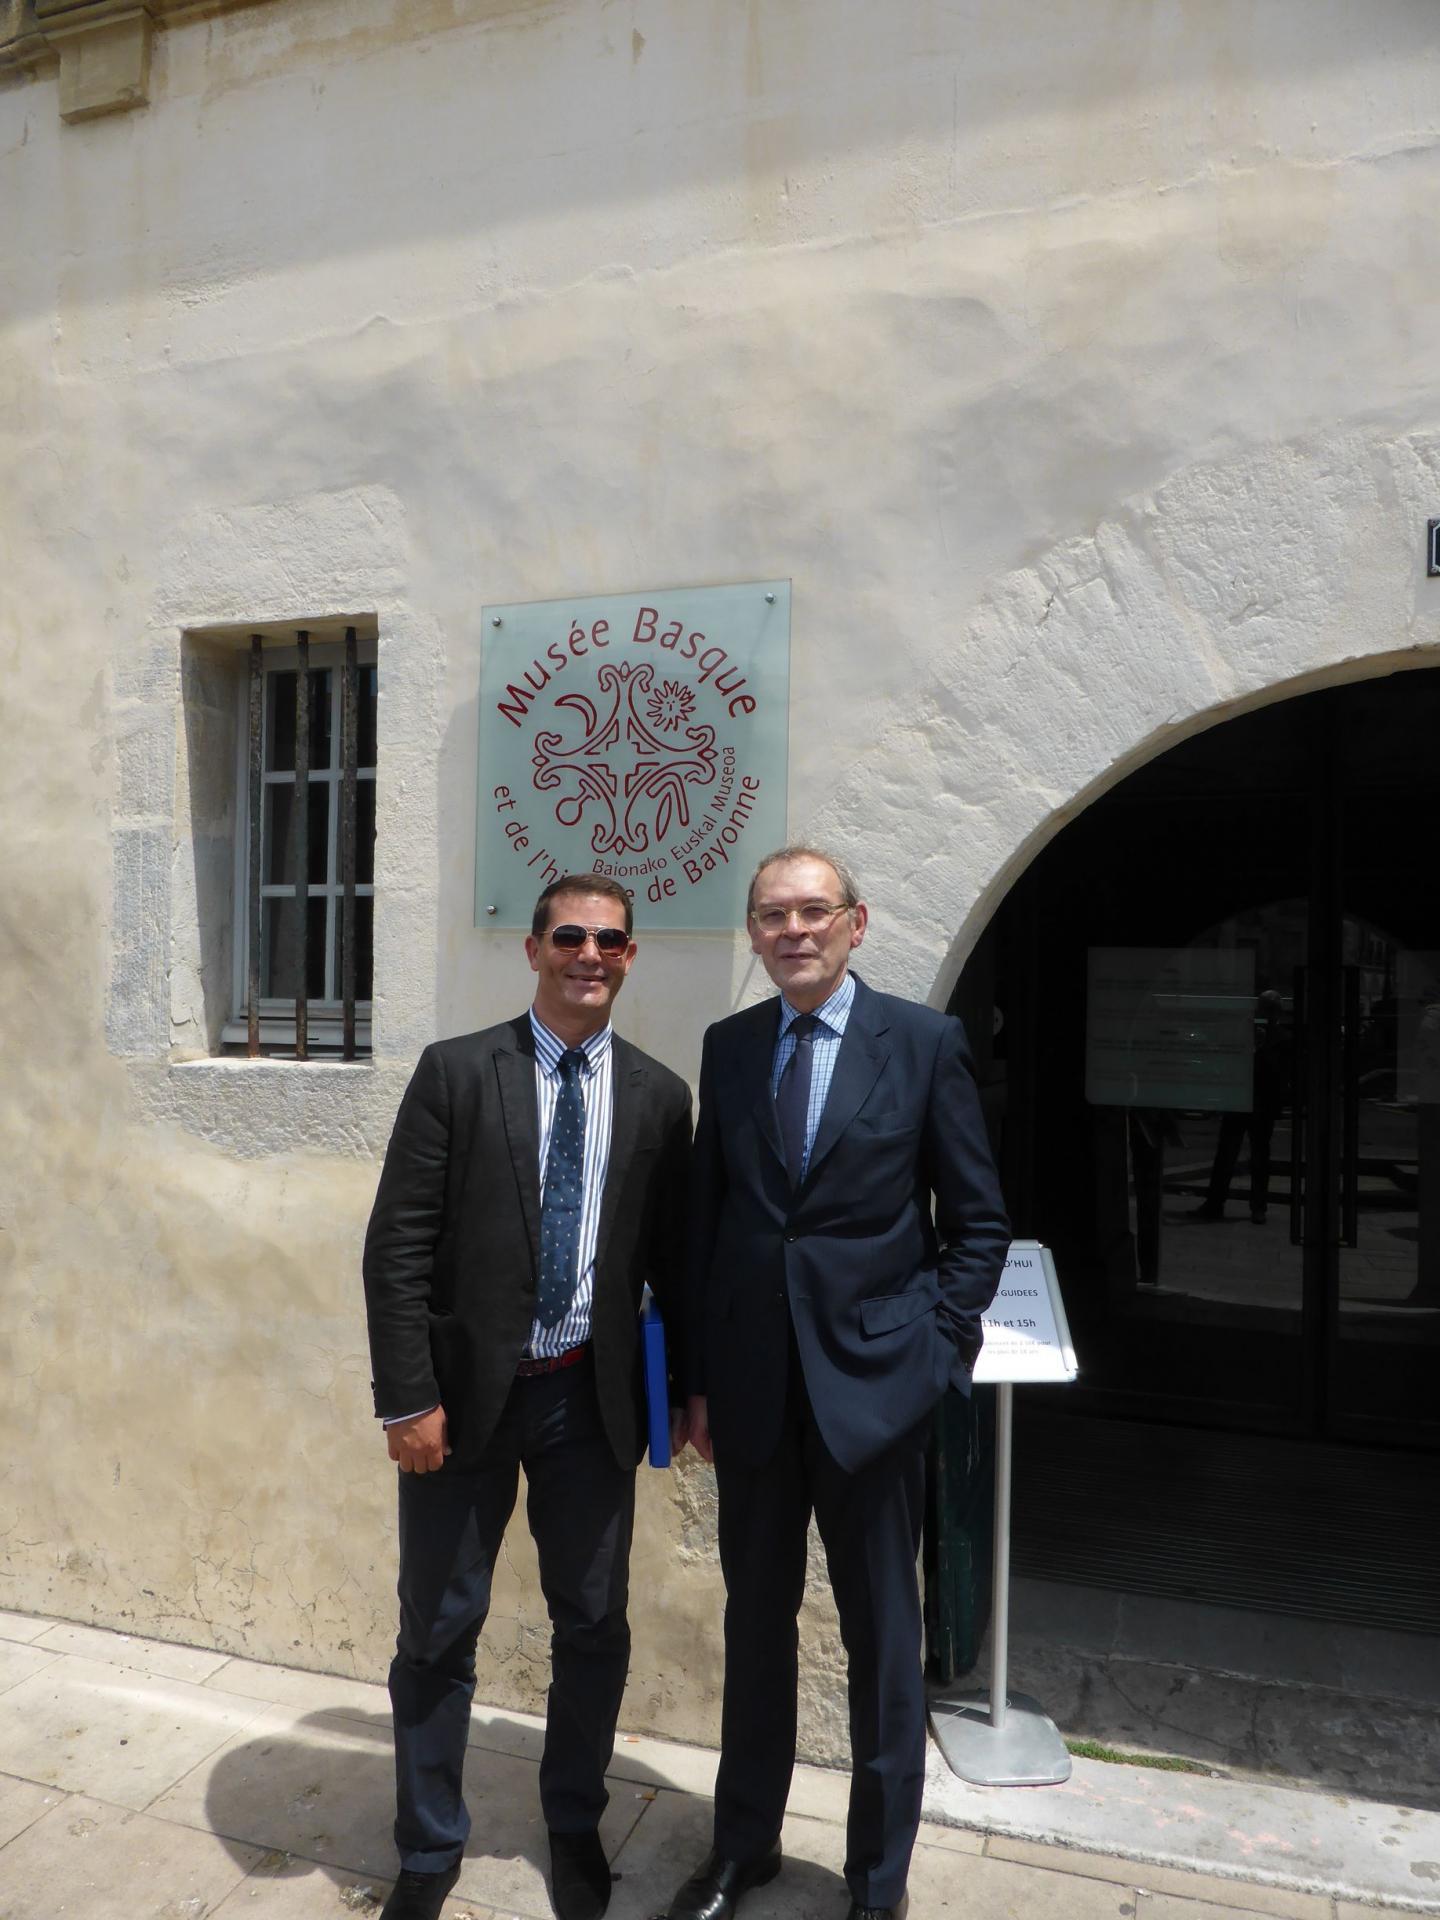 Philippe Cachau et Jean-Jacques Aillagon devant le Musée basque de Bayonne, juillet 2016